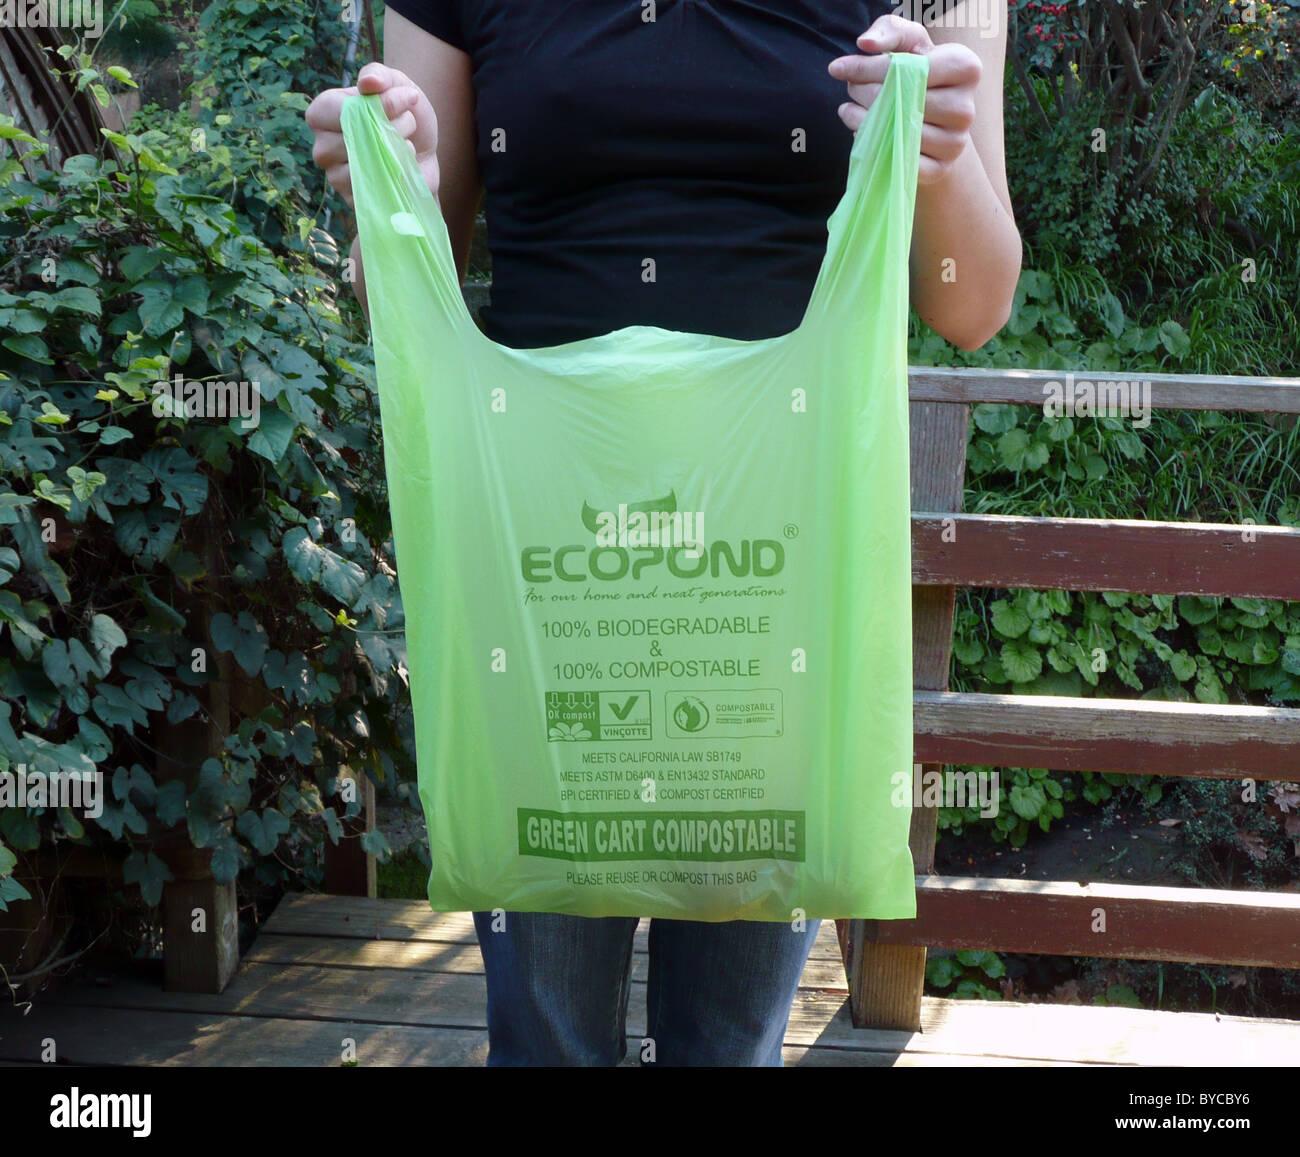 Compostable Green Bag Stock Photos & Compostable Green Bag